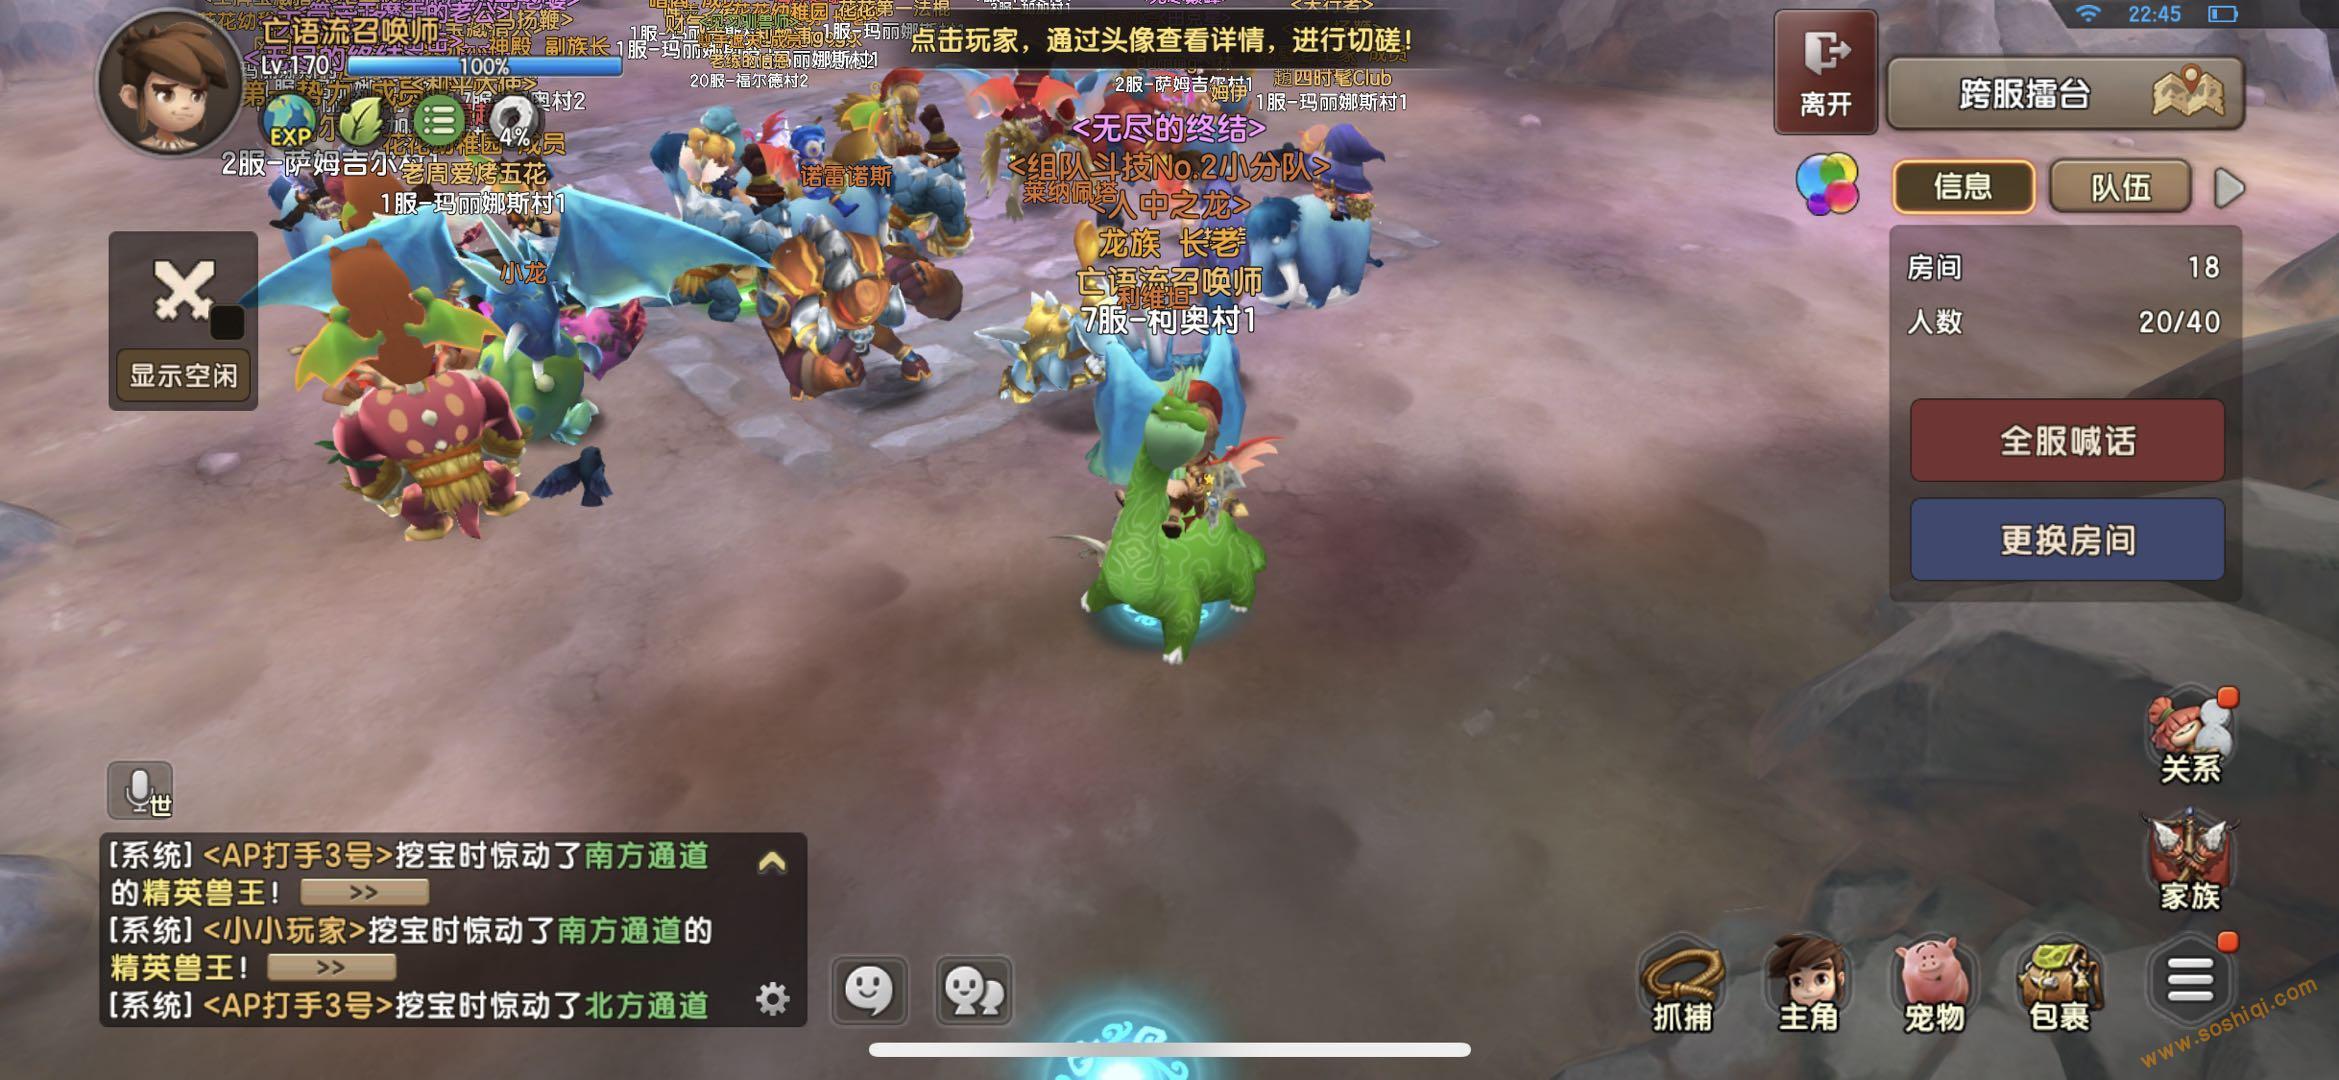 石器时代手游玩家自发举办趣味比赛